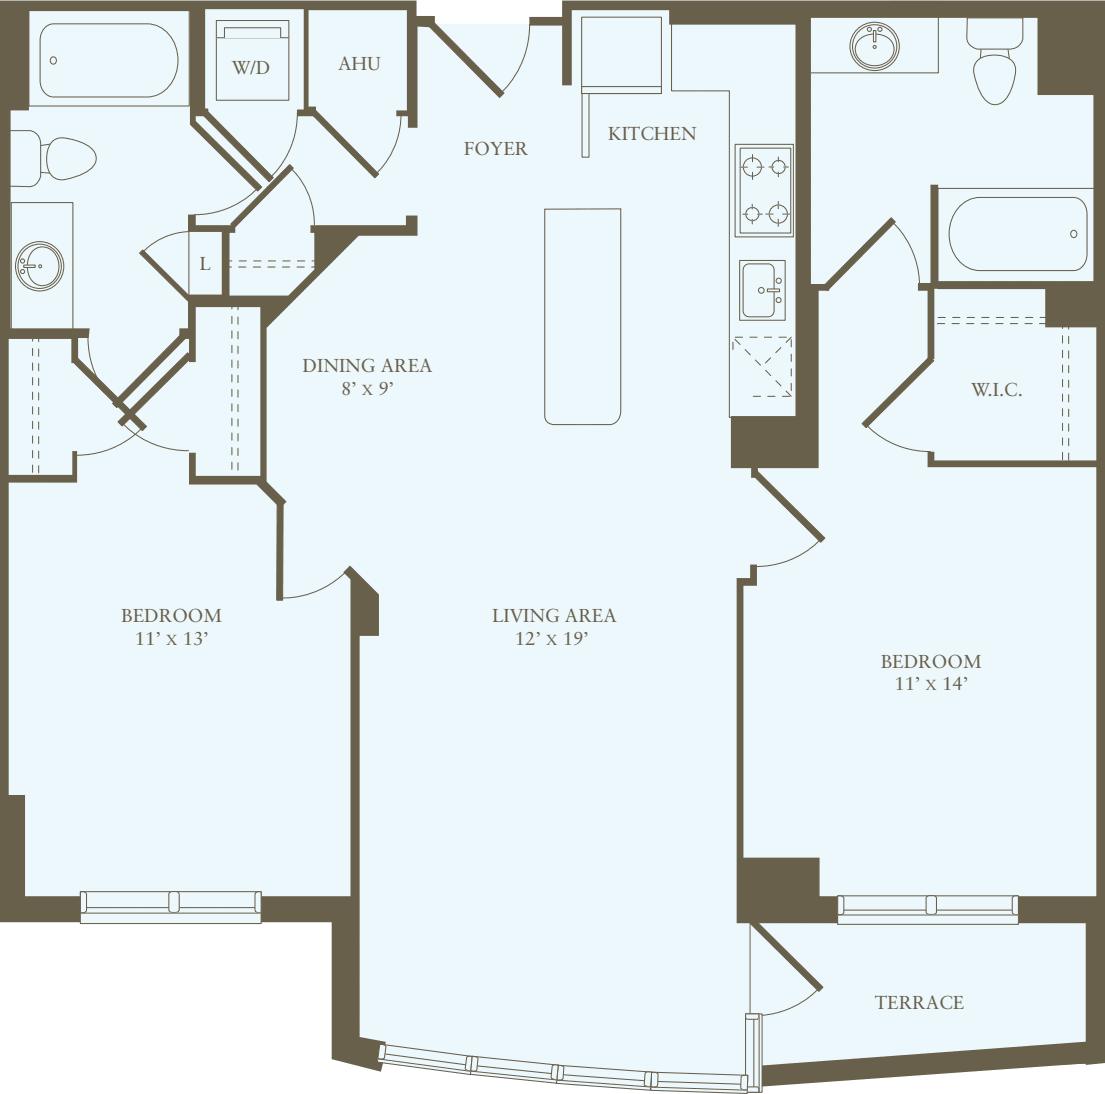 2 Bedrooms L